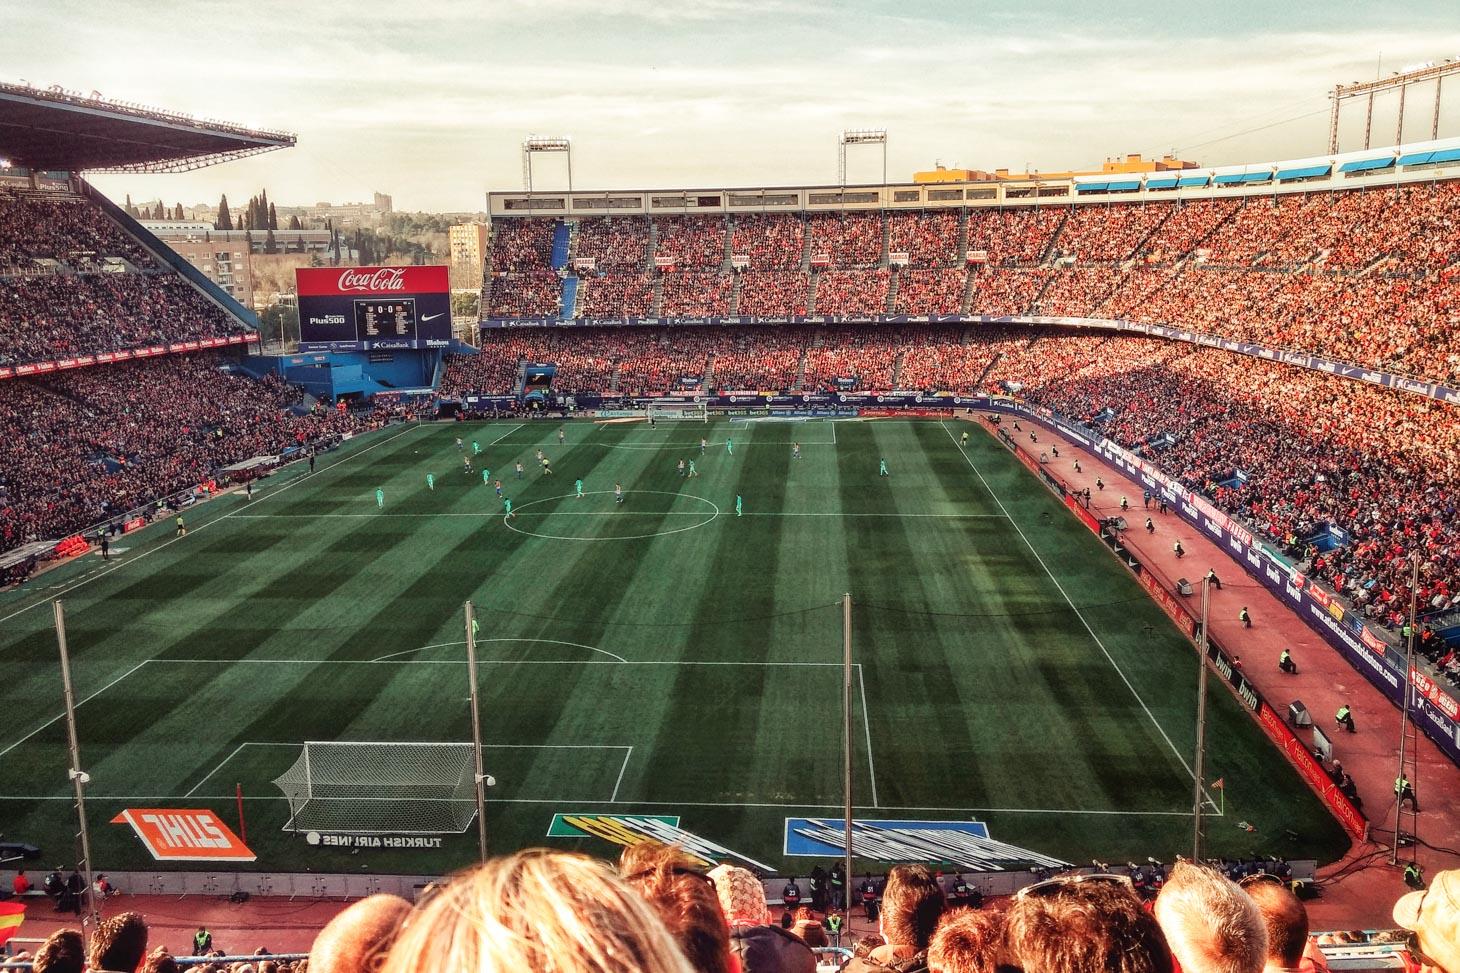 Game of Futbol in Madrid